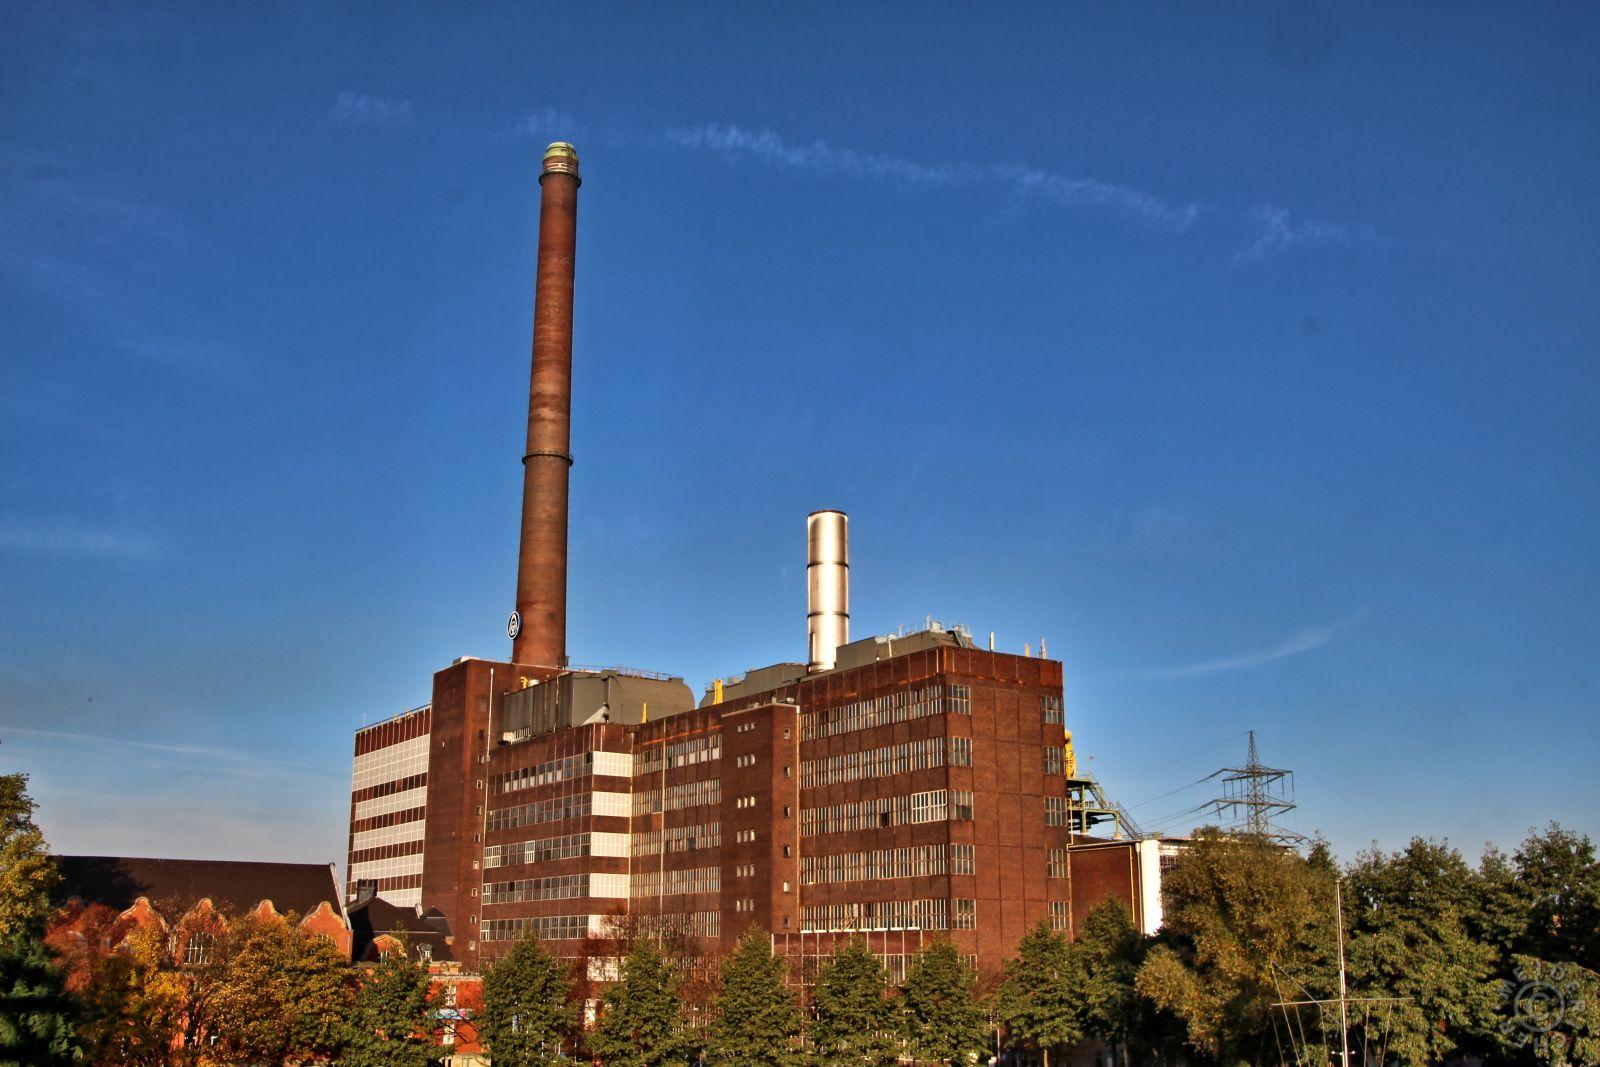 Duisburg Ruhrort 416